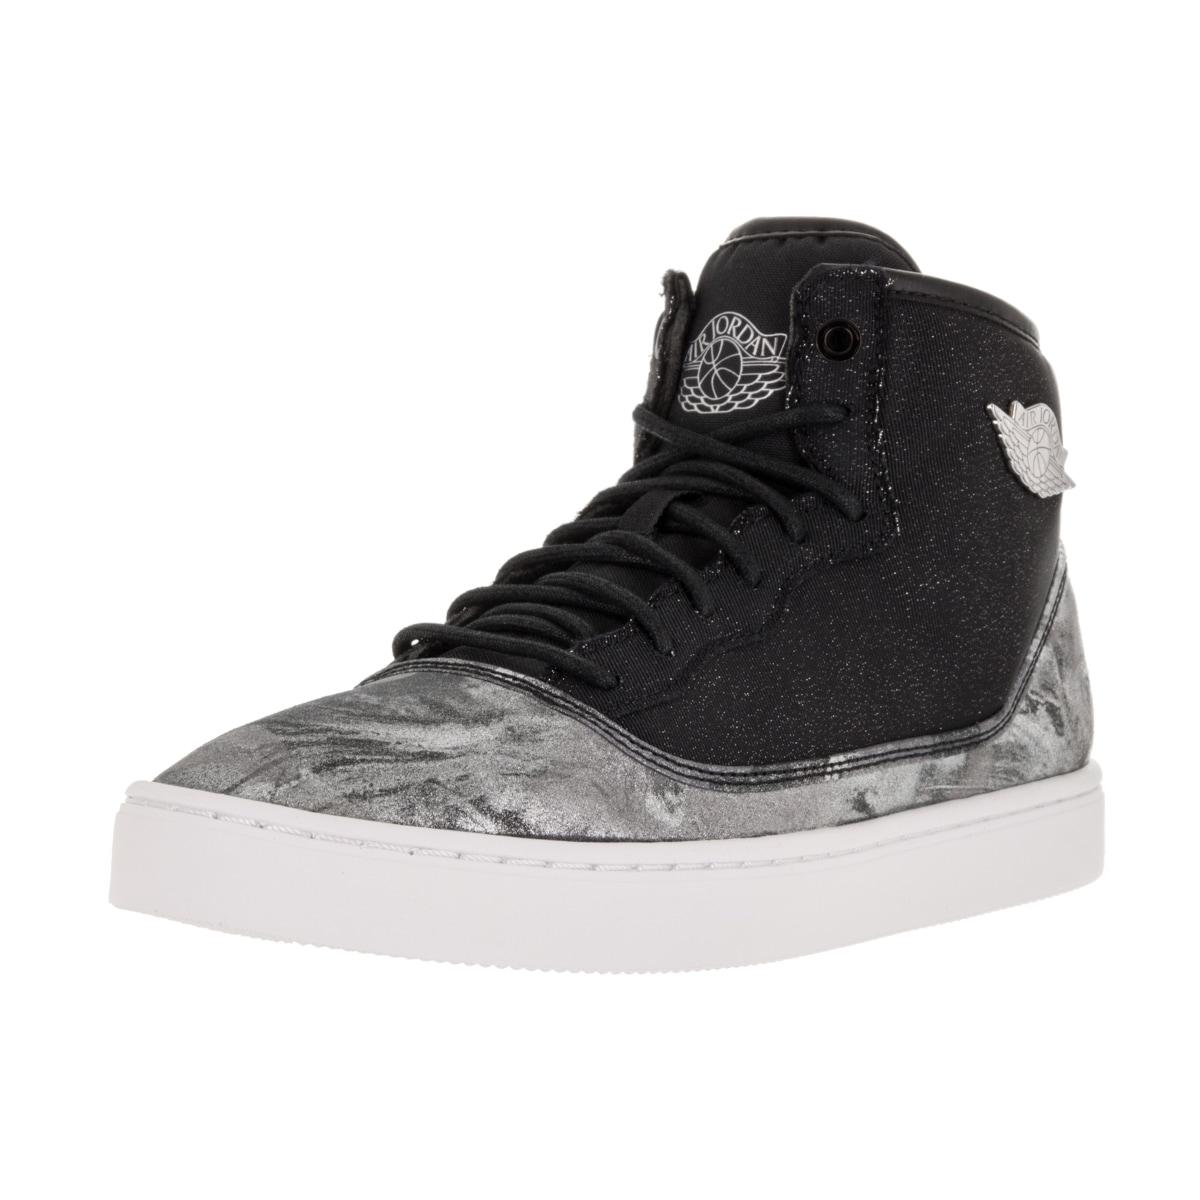 Nike Jordan Kid's Jordan Jasmine Prem Gg Black/Metallic S...